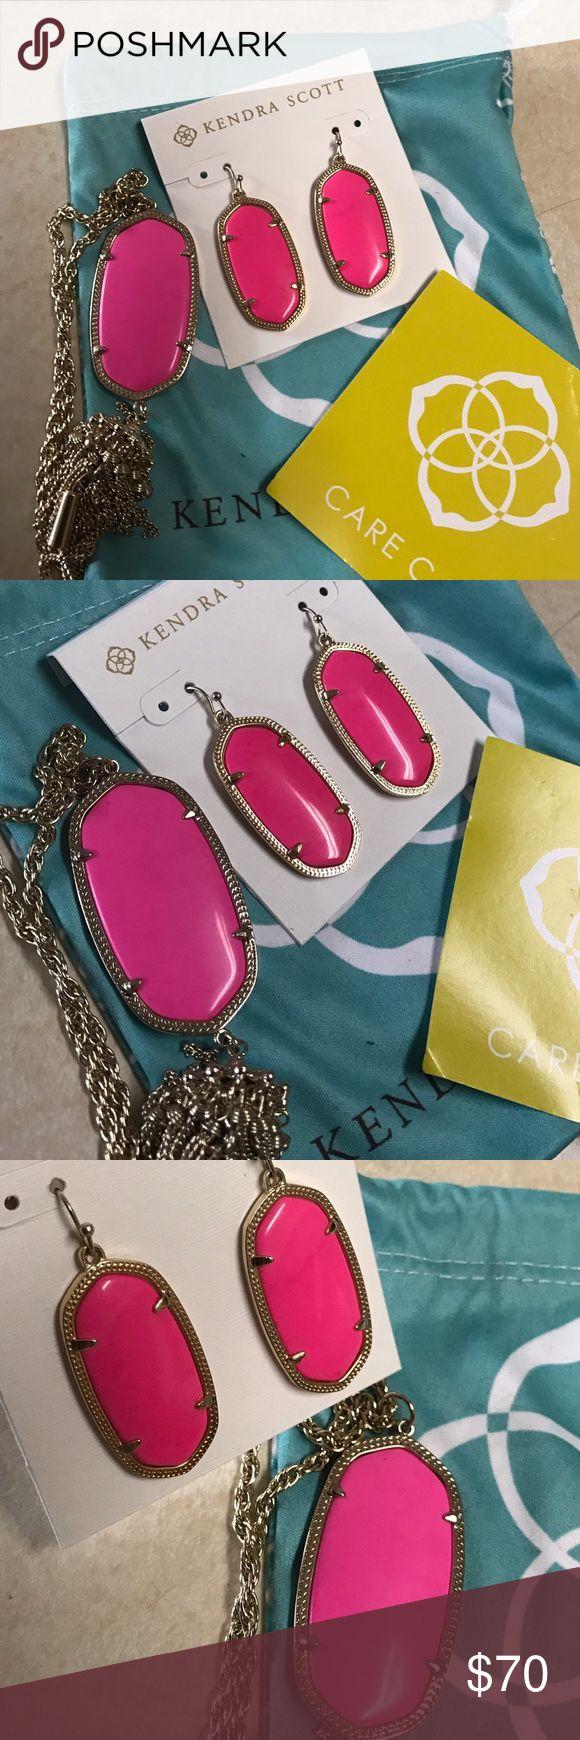 Kendra Scott neon Pink earrings Worn once. Magenta necklace is not for sale. Kendra Scott Jewelry Earrings